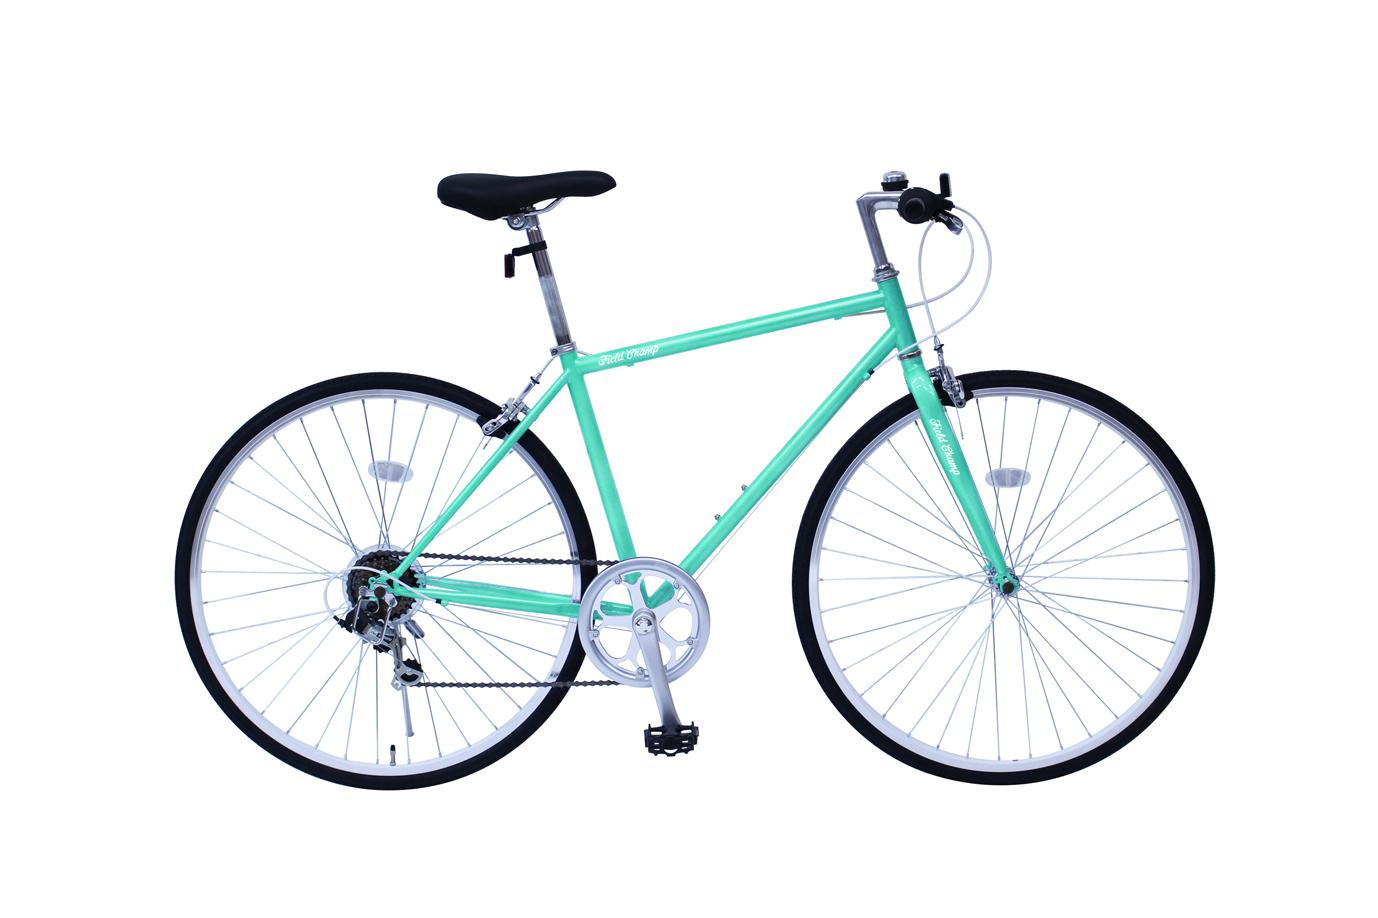 FIELD CHAMP 700Cクロスバイク6段ギア グリーン MG-FCP700CF-GR[フィールドチャンプ 自転車][ミムゴ MIMUGO][激安自転車 通販]05P27May16